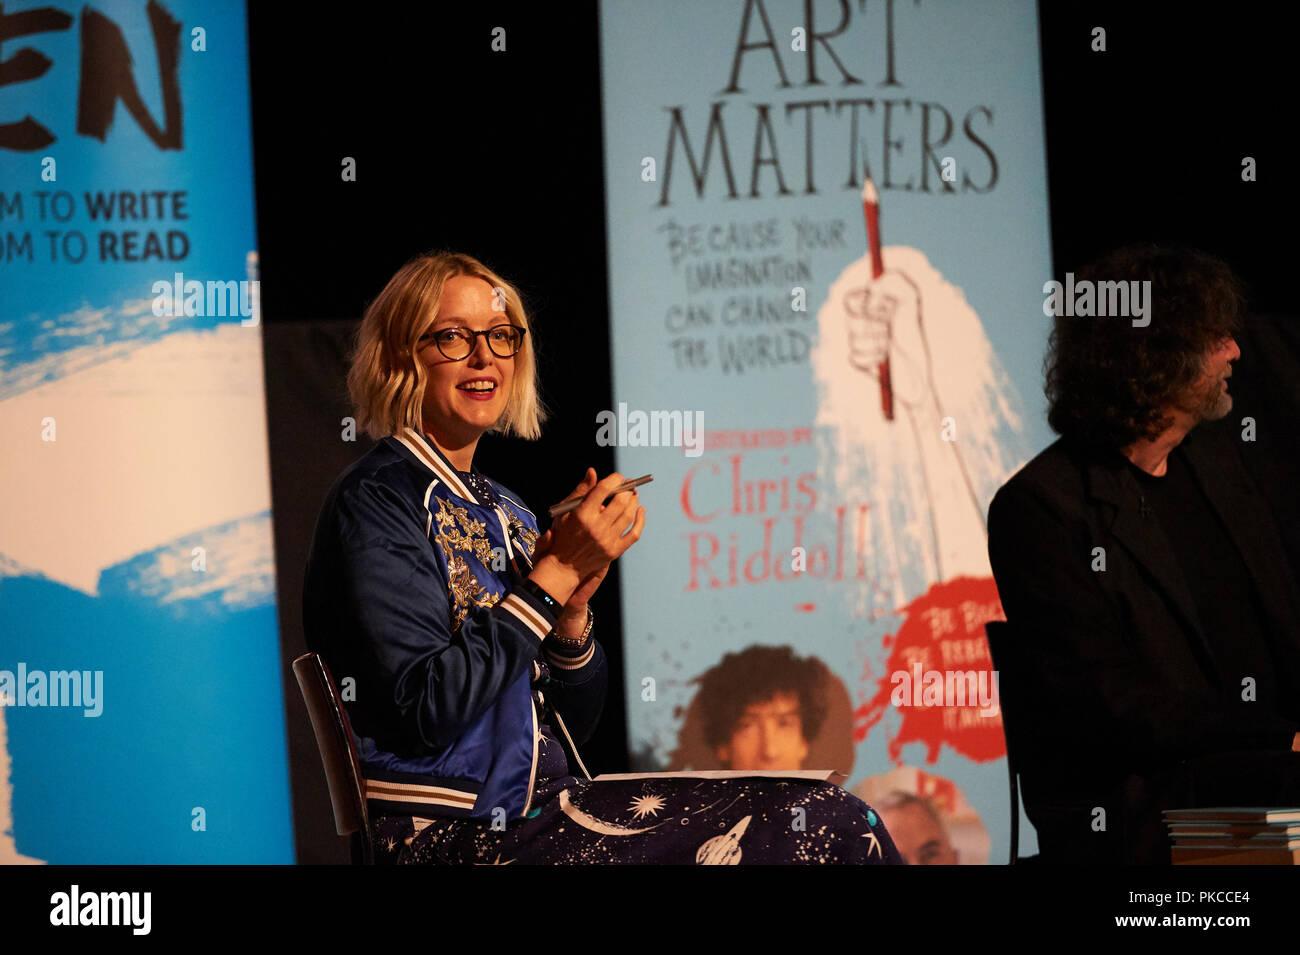 Londra, Regno Unito. Xii Sep 2018. Neil Gaiman e Chris Riddle presso il recentemente aperto EartHackney, arte Conta vivere brillantemente ospitato da Lauren Laverne, 12 settembre 2018. Londra. Credito: Thomas Bowles/Alamy Live News Foto Stock